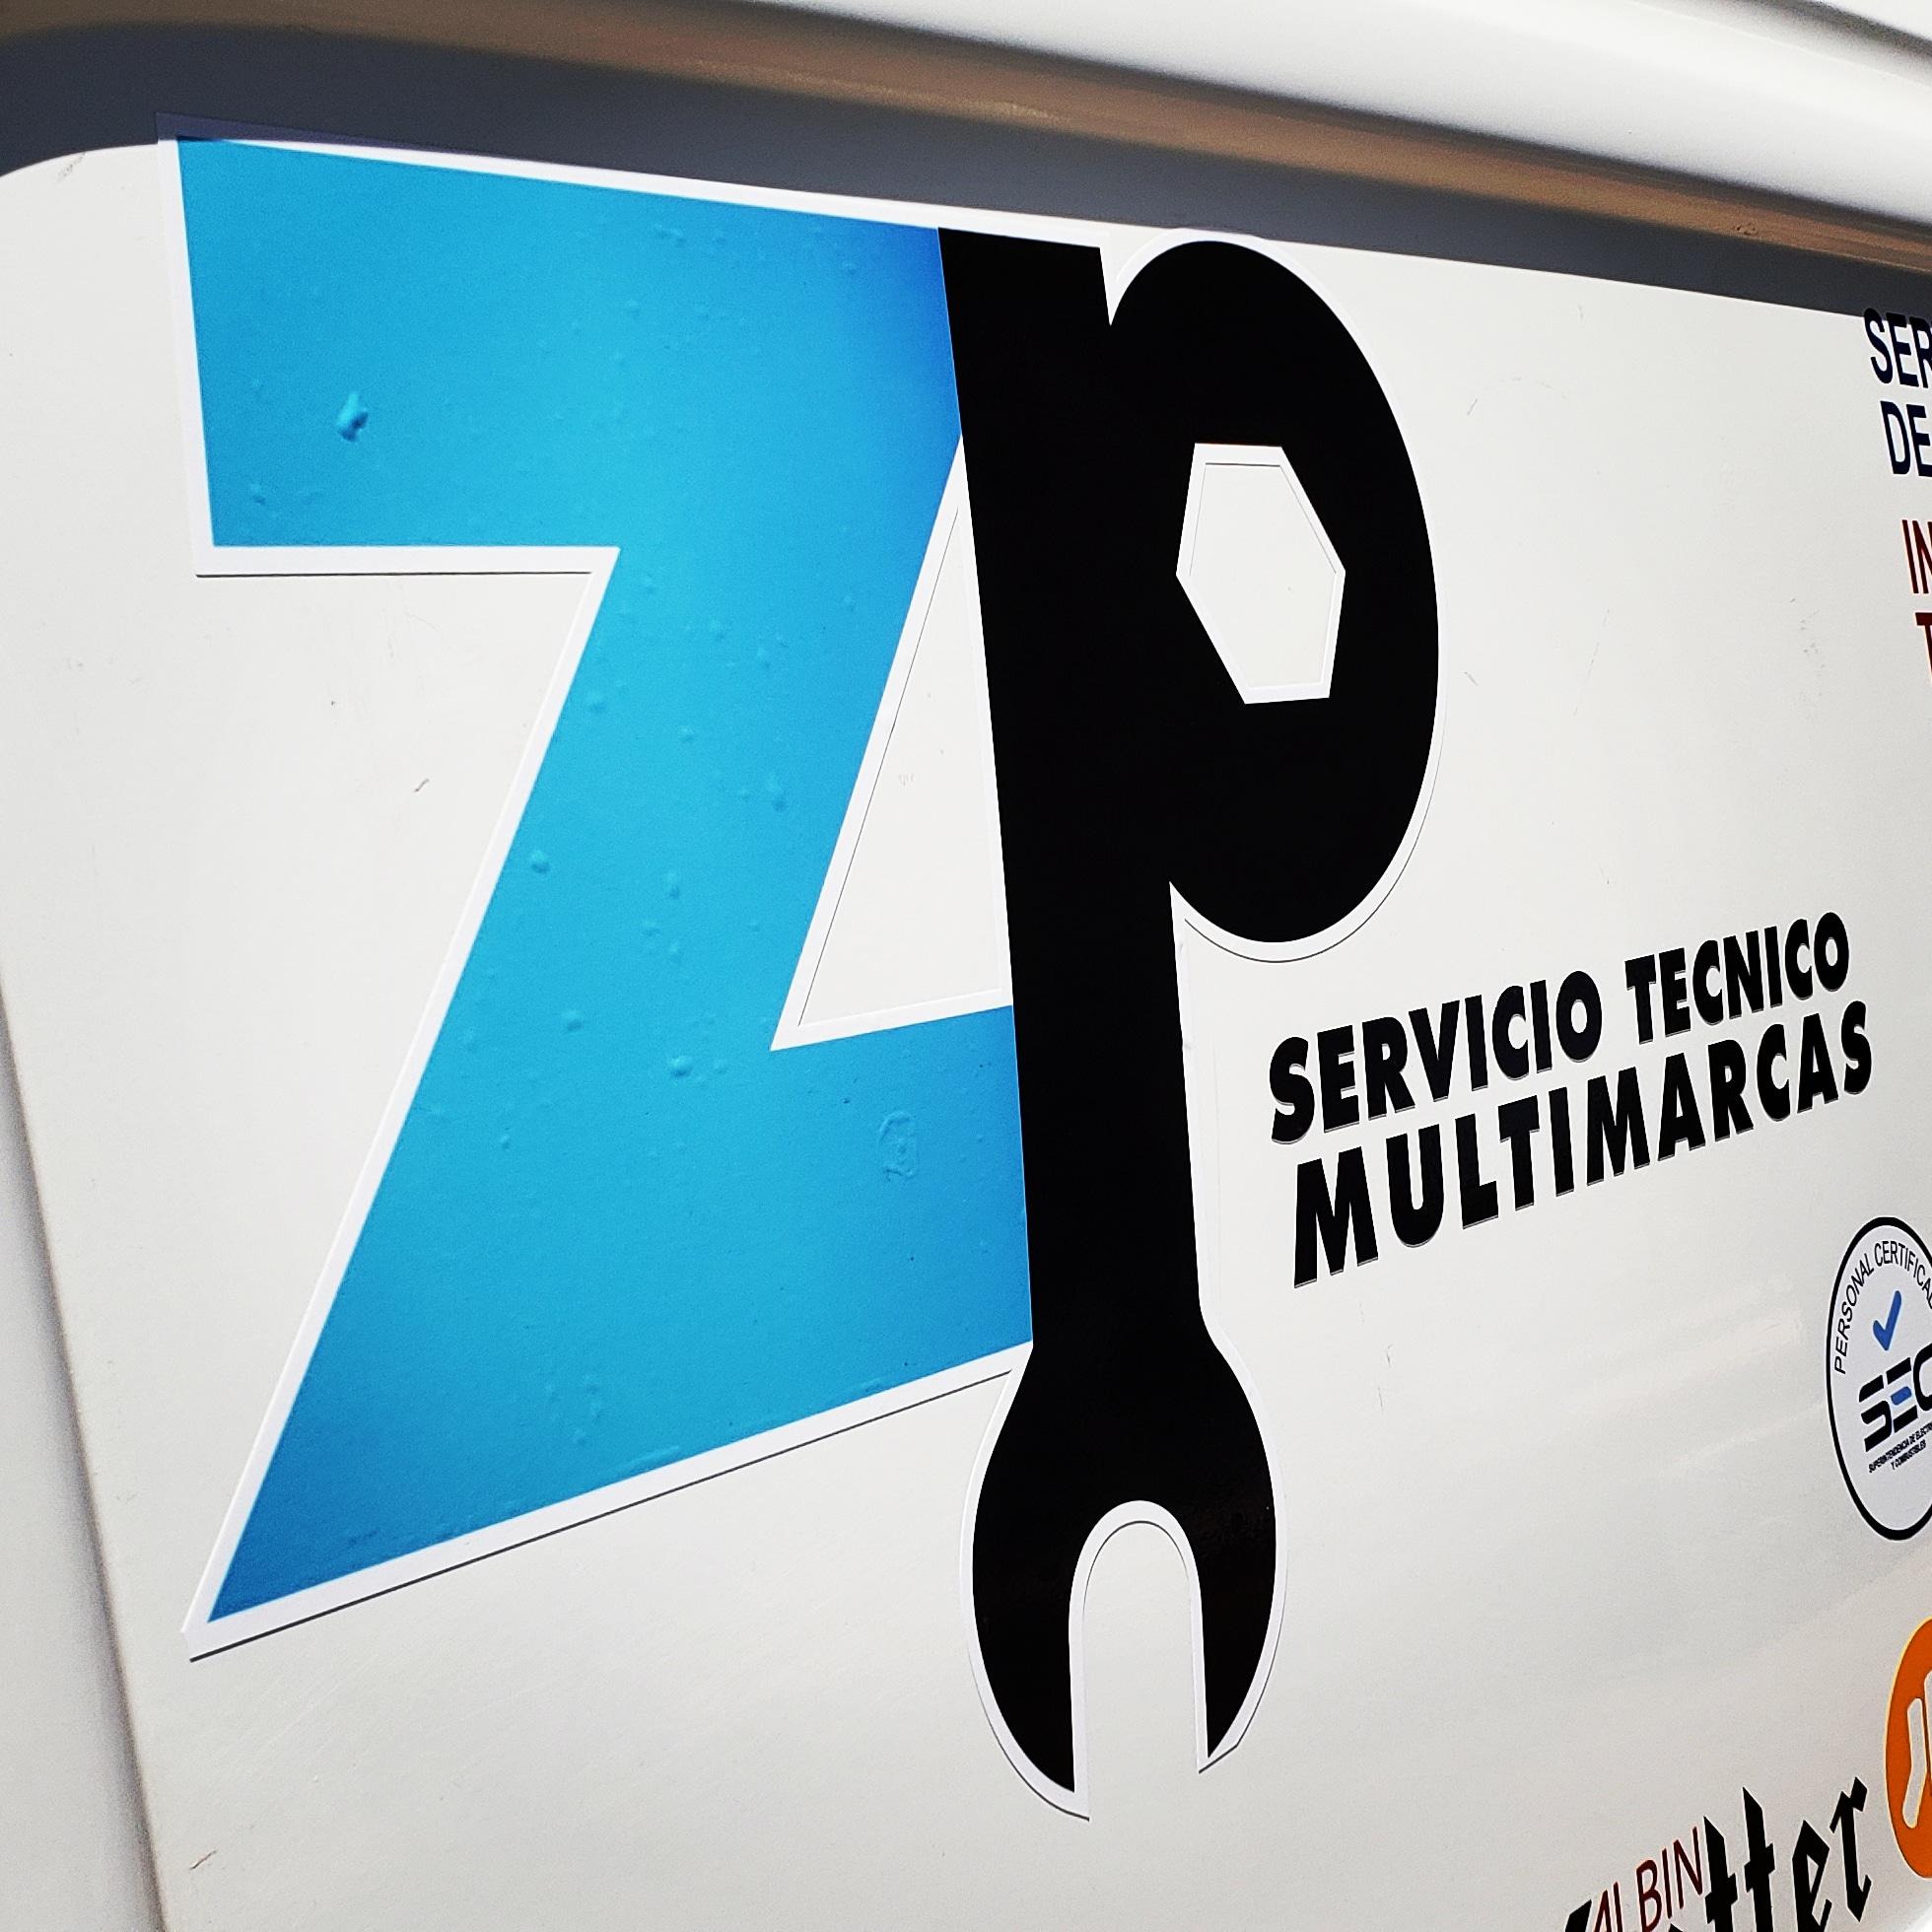 ZP SERVICIO TECNICO MULTIMARCAS DE ARTEFACTOS A GAS